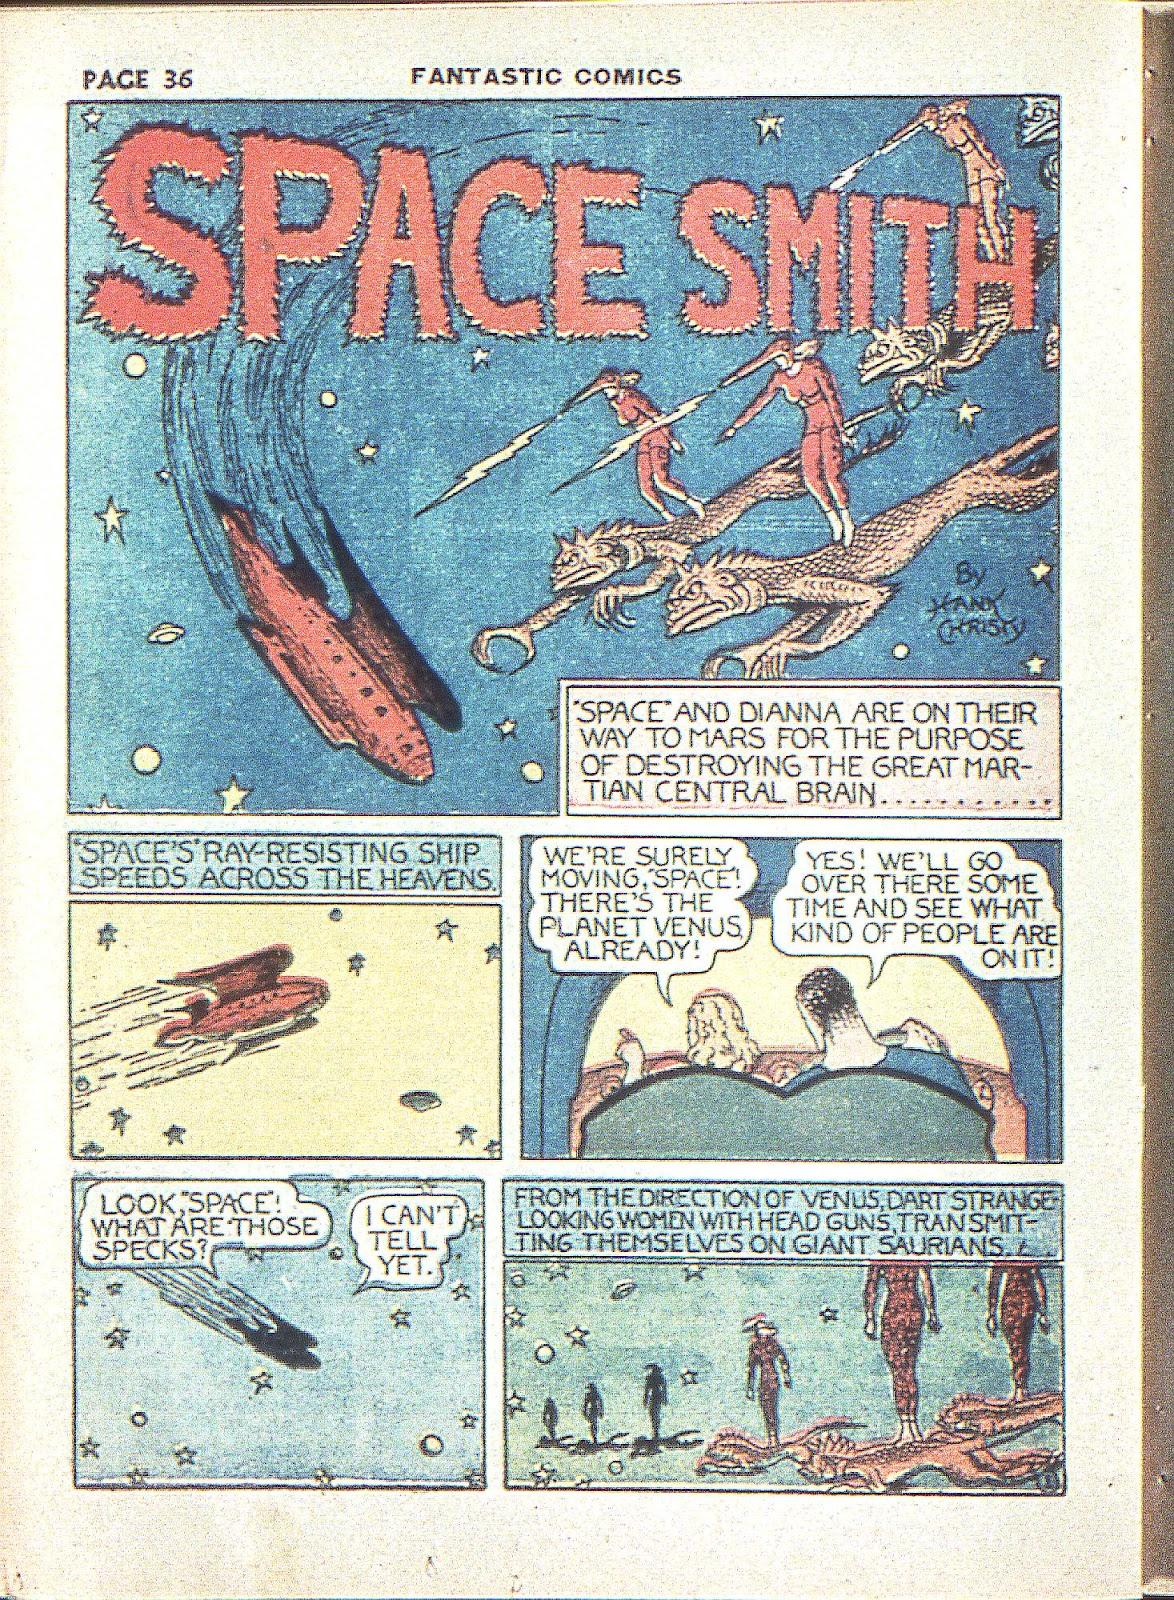 Read online Fantastic Comics comic -  Issue #3 - 38